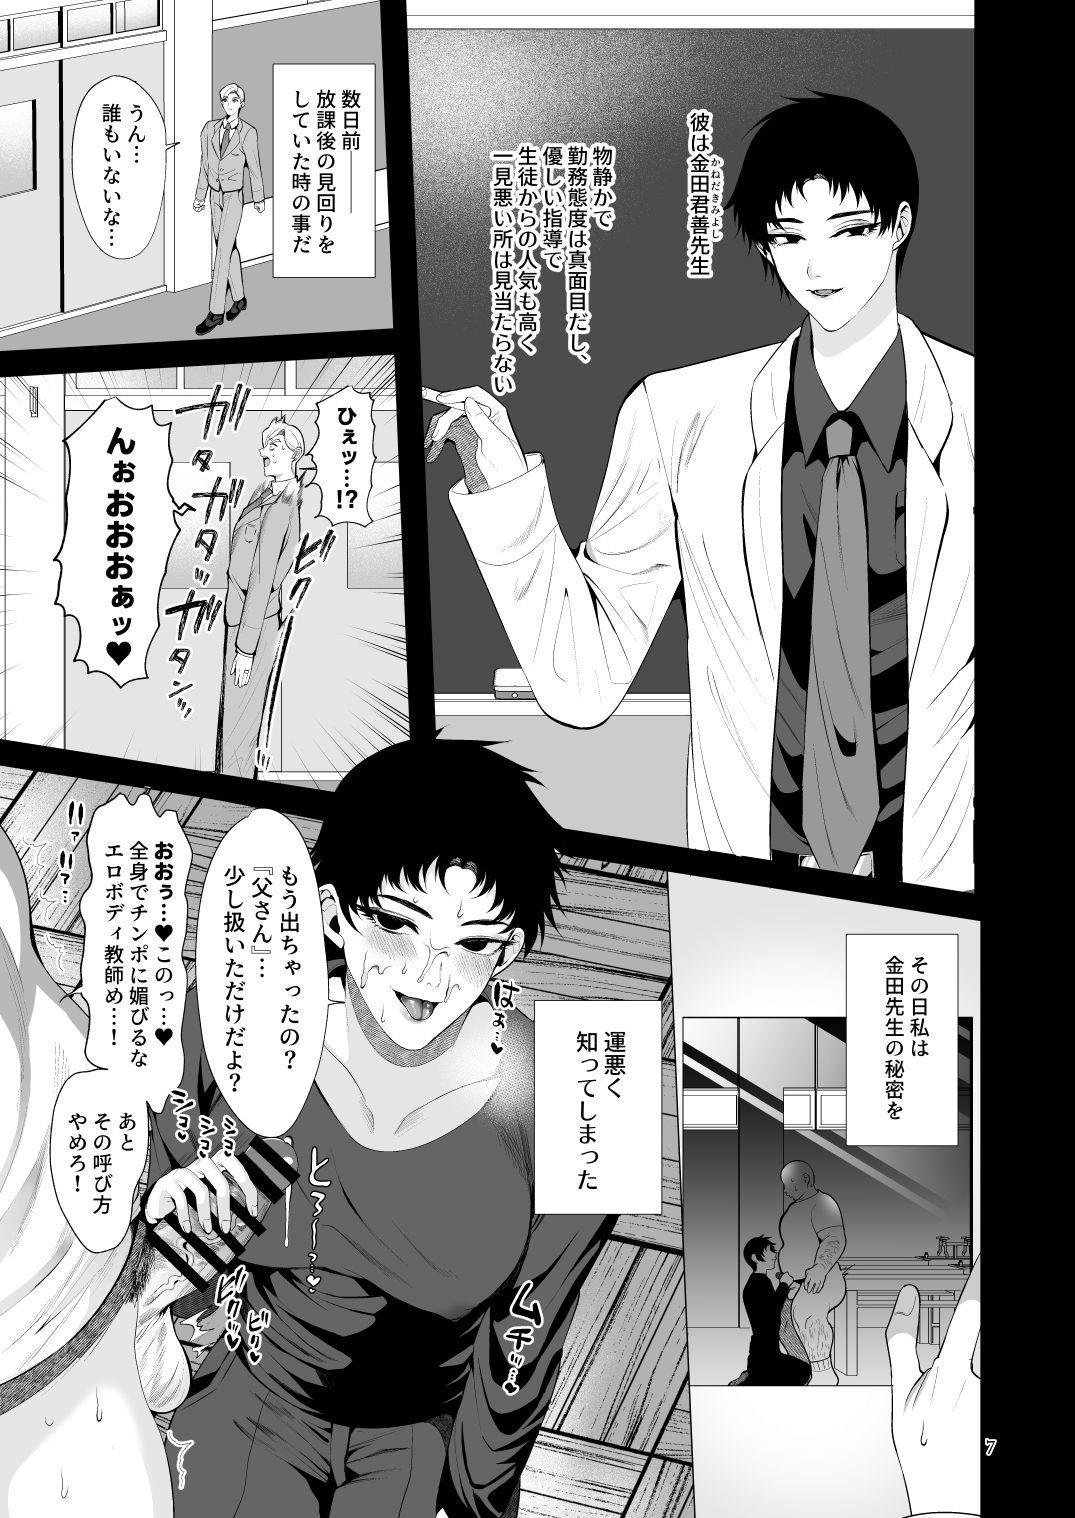 Kyozou no Sugata wa Chichi ni Nite iru 5